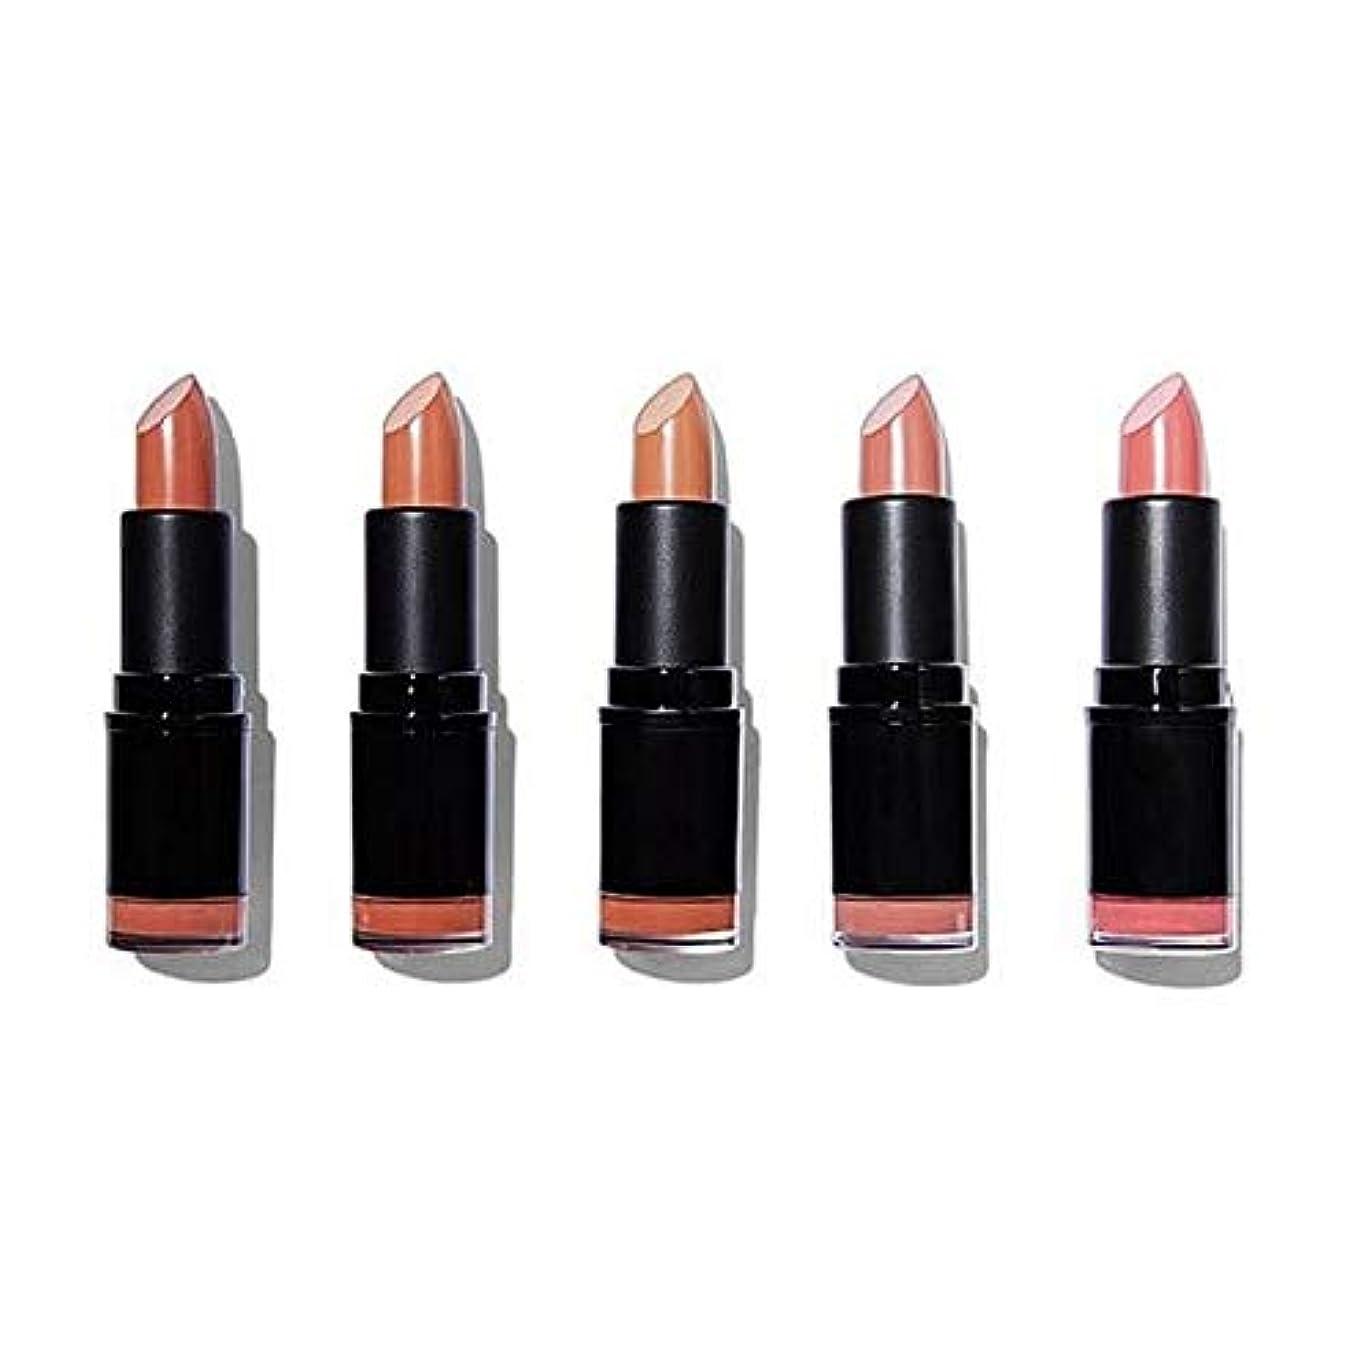 揺れる復讐依存[Revolution ] 革命プロ口紅のコレクション裸 - Revolution Pro Lipstick Collection Bare [並行輸入品]